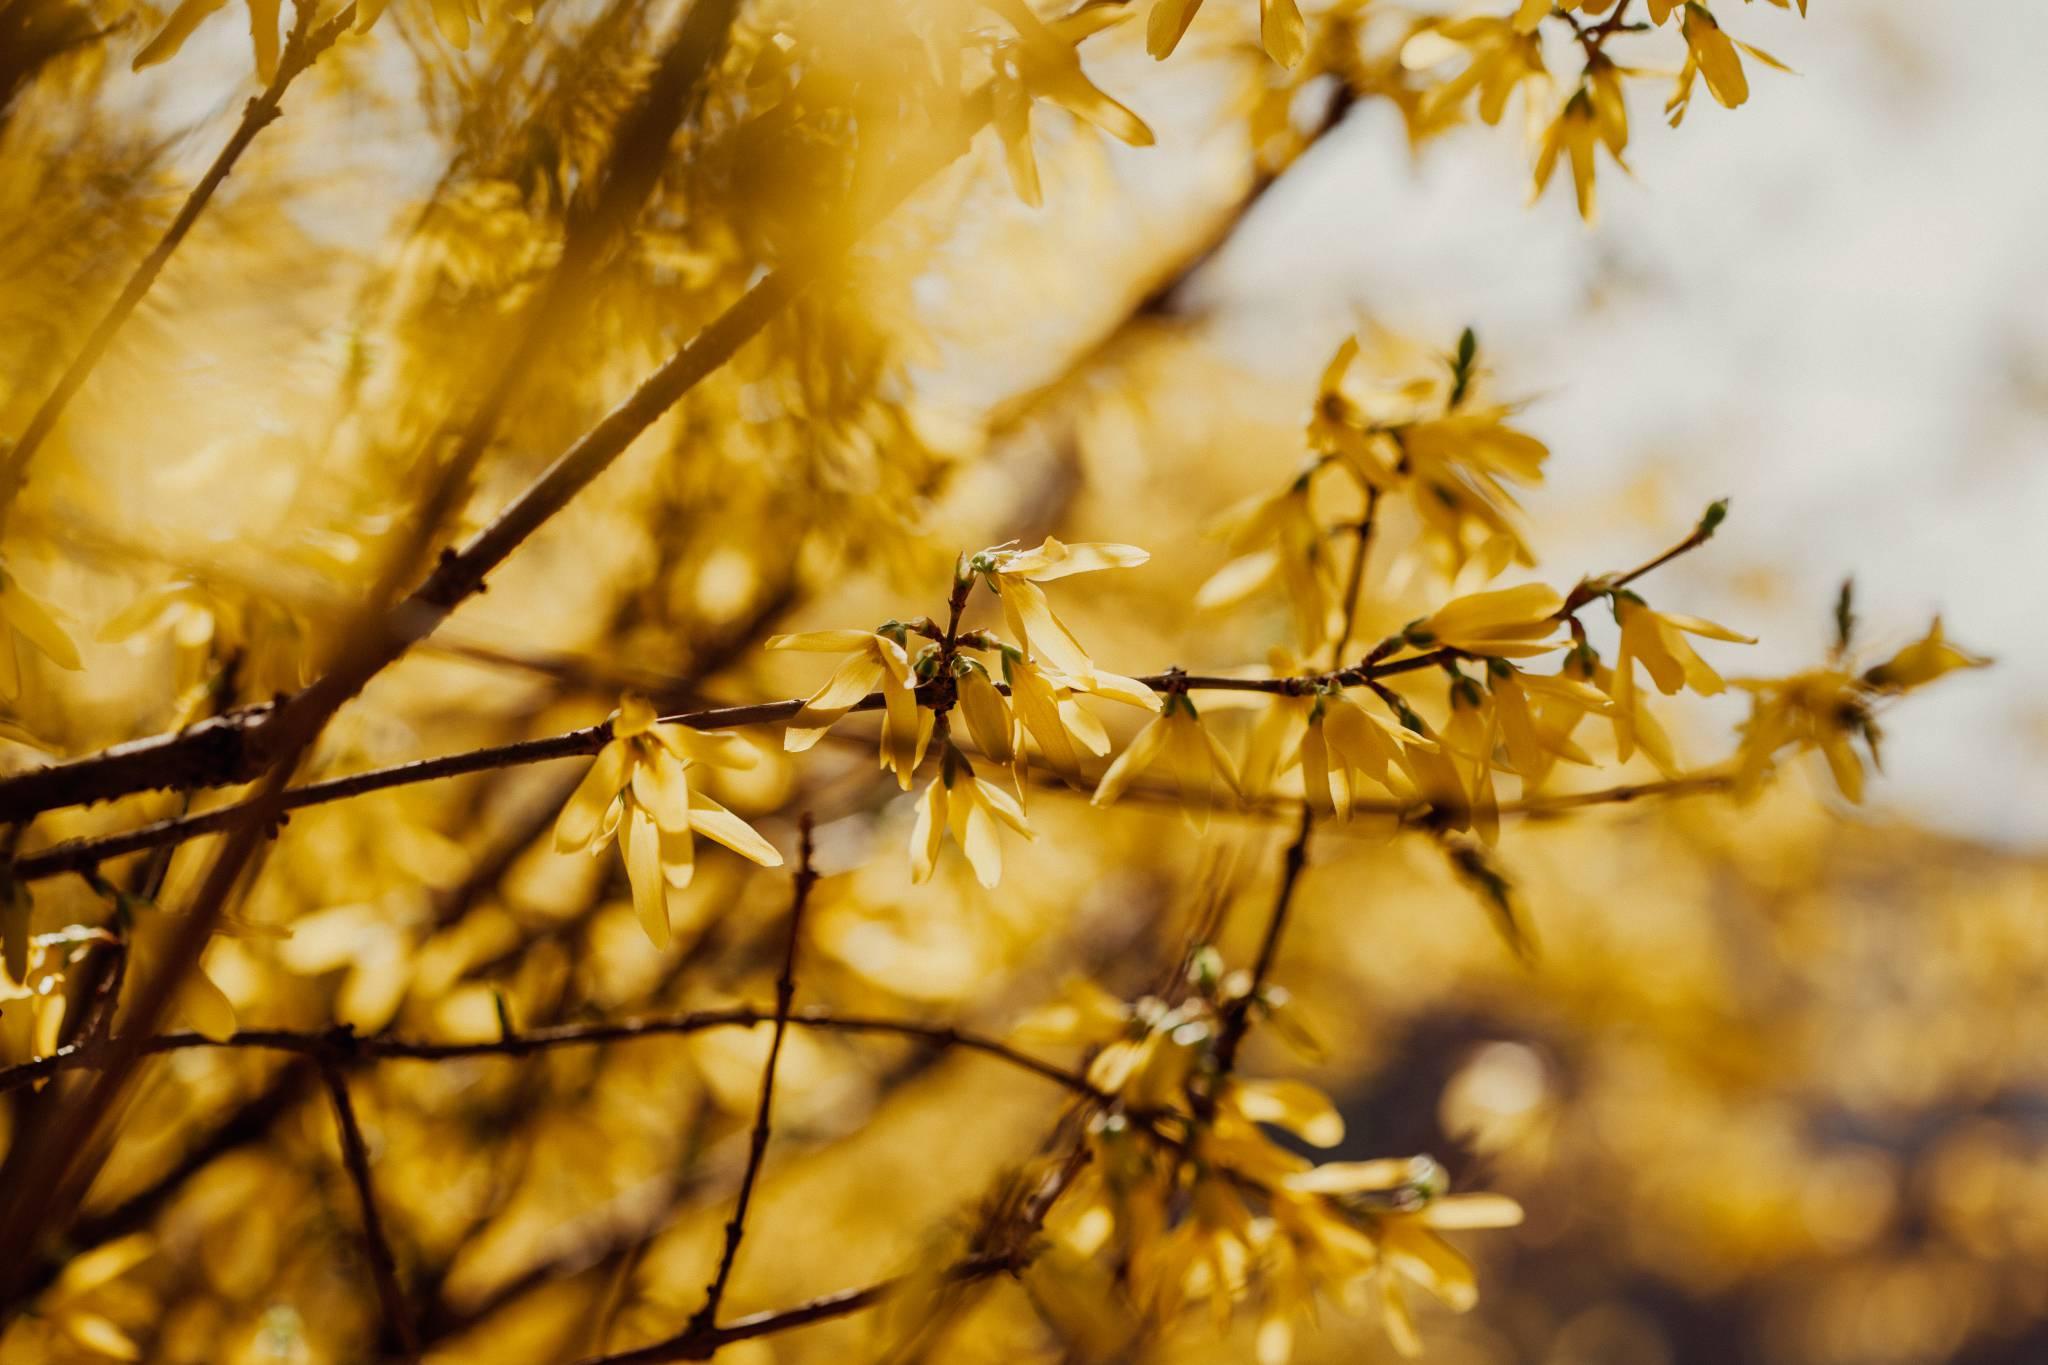 Jak przyroda budzi się do życia - wiosenne kwiaty i drzewa